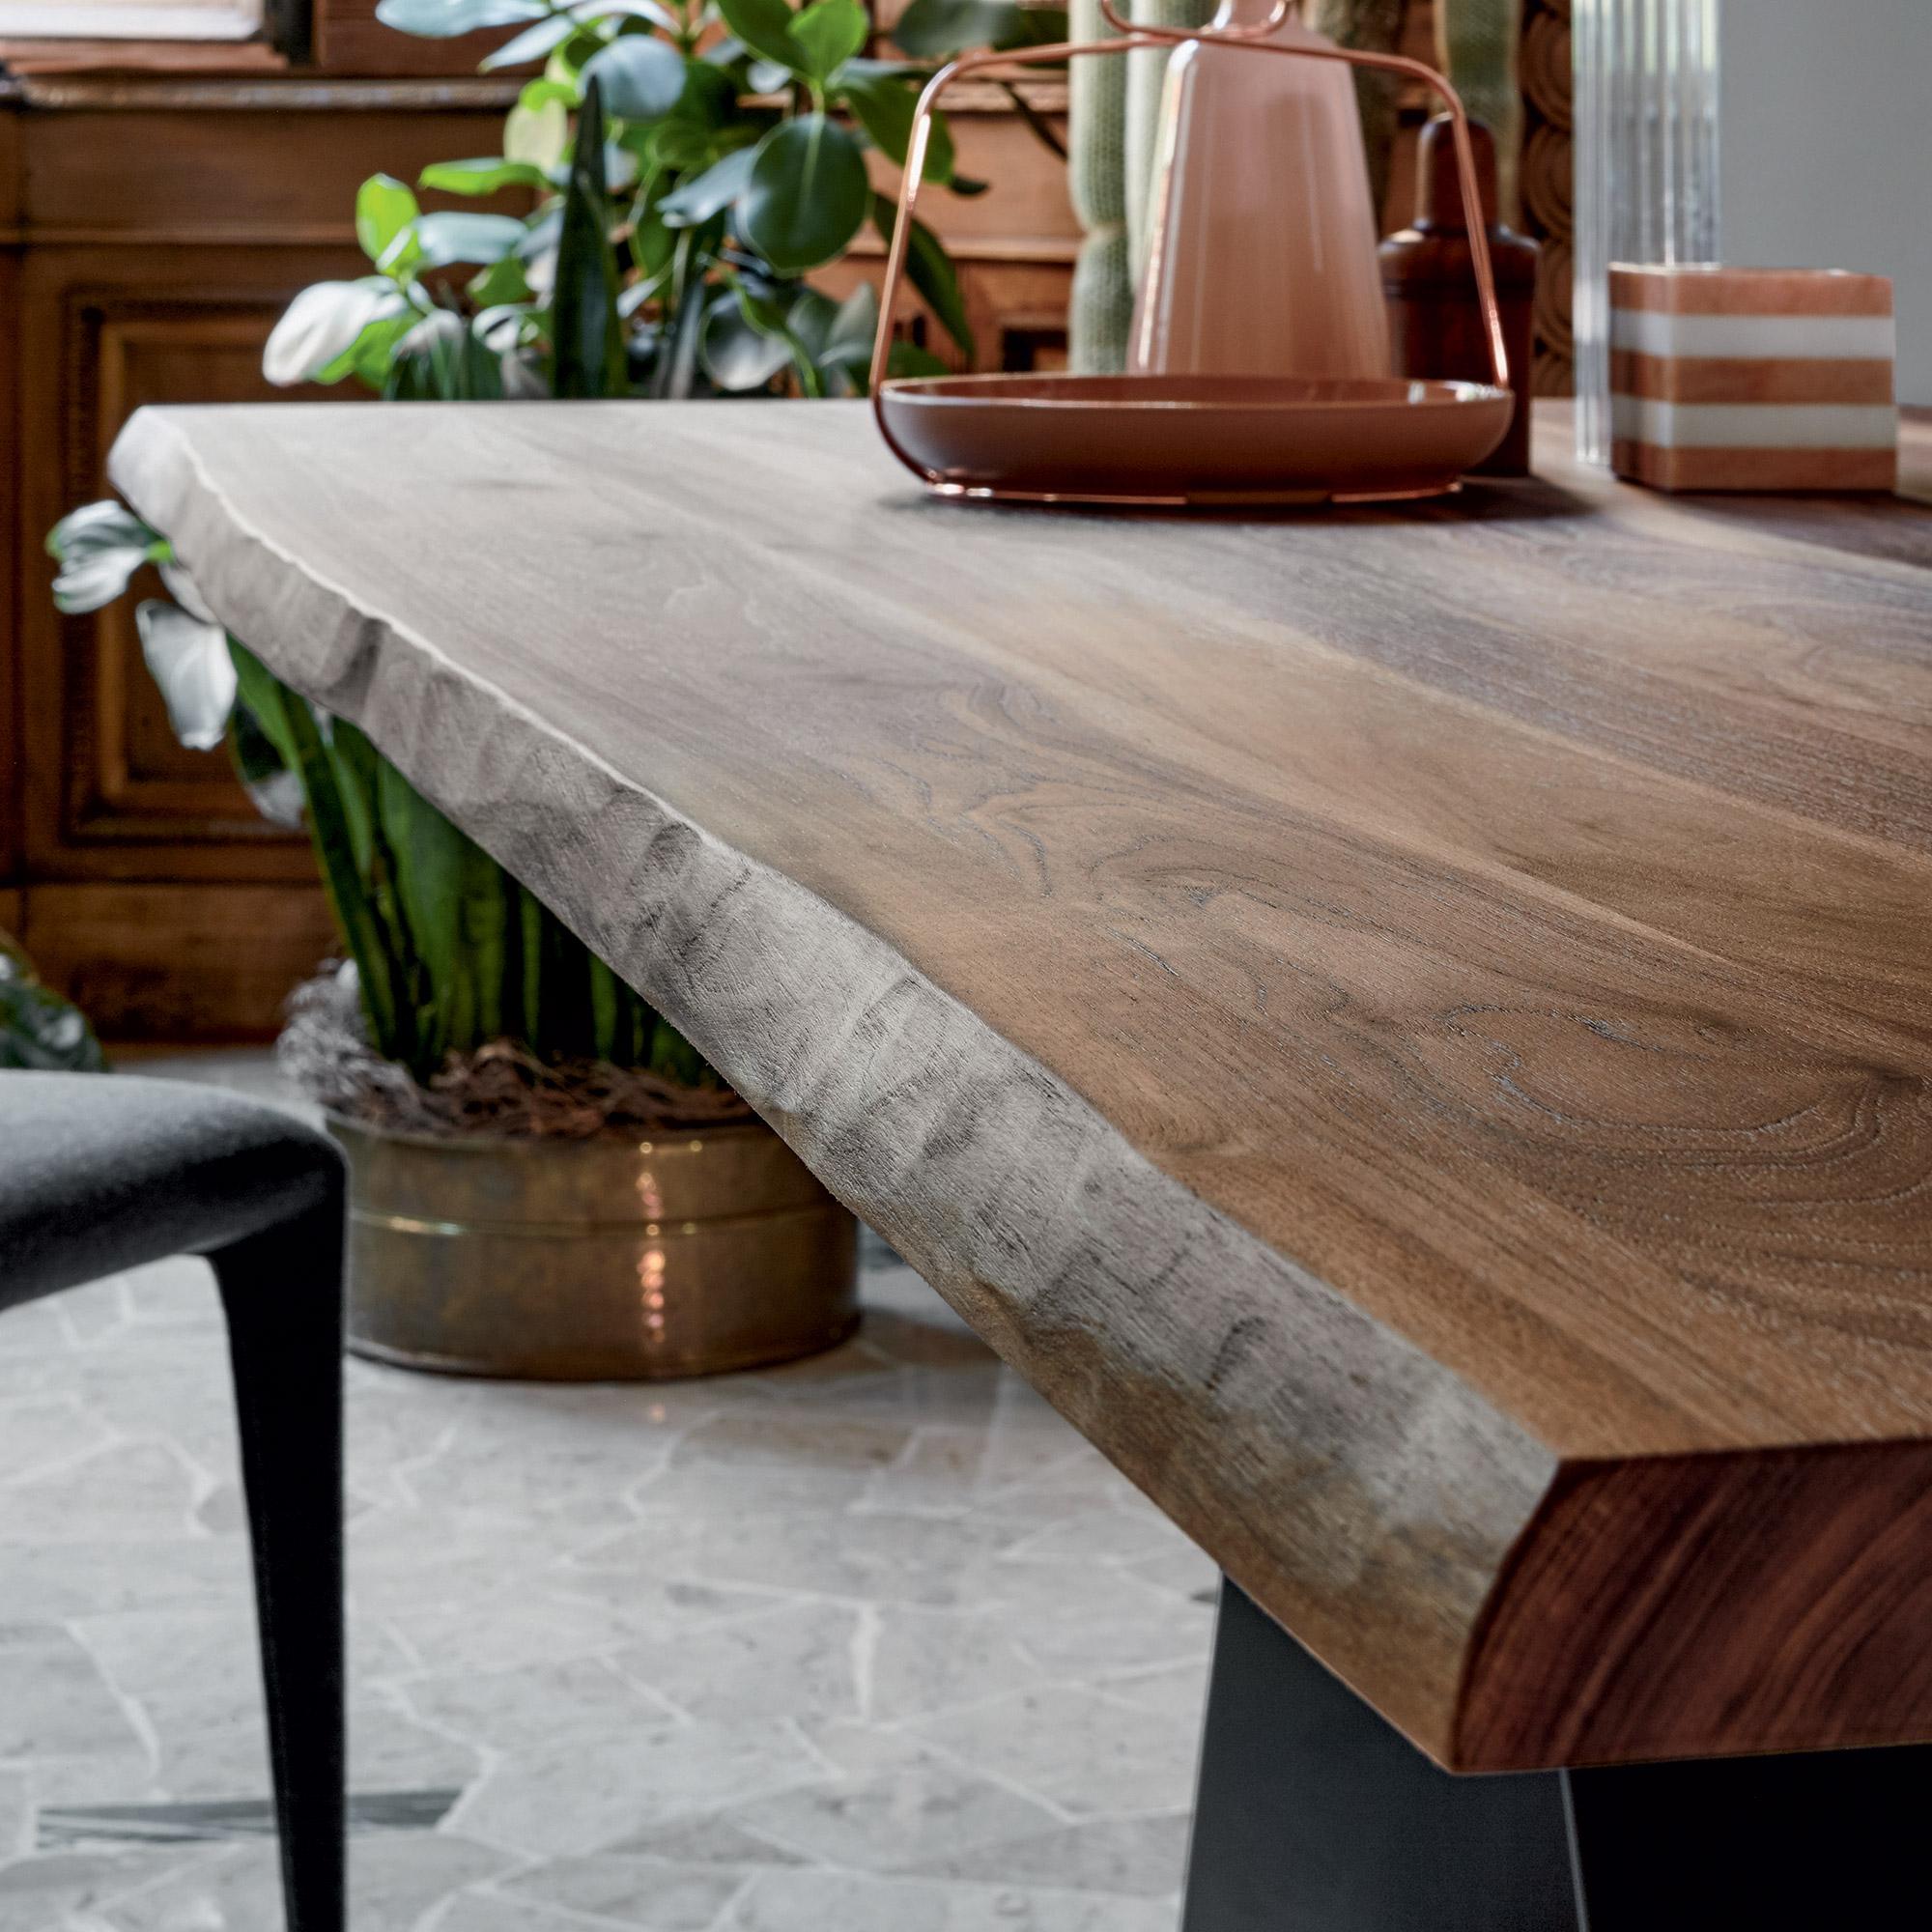 Charmant Bonaldo AX Tisch Mit Amerikanischer Nussbaum Tischplatte